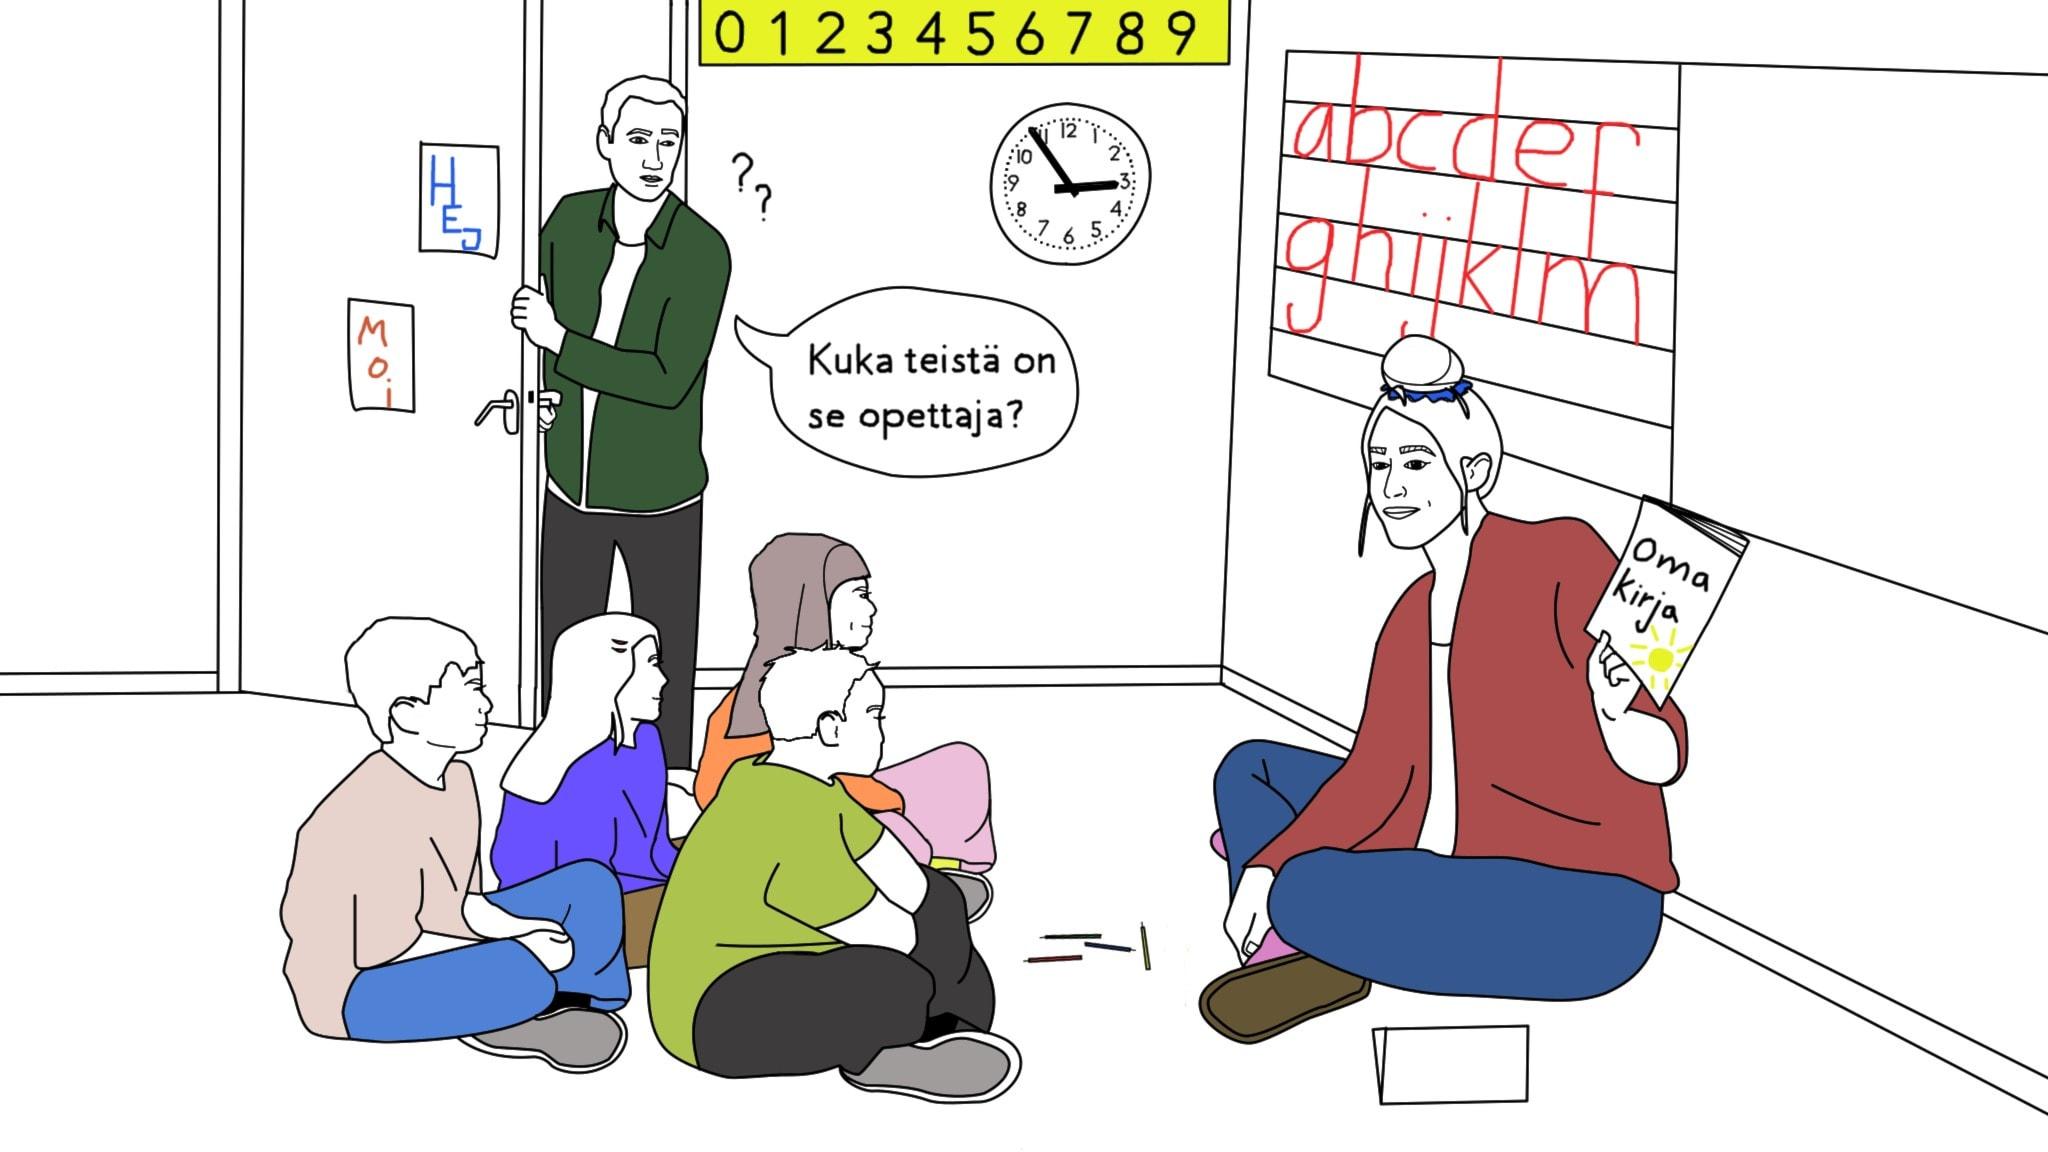 """Piirroskuva, jossa luokkahuoneessa ryhmä lapsia ja rennosti pukeutunut opettaja istuvat lattialla yhdessä, ovesta kurkistaa isä joka kysyy """"Kuka teistä on se opettaja?"""""""